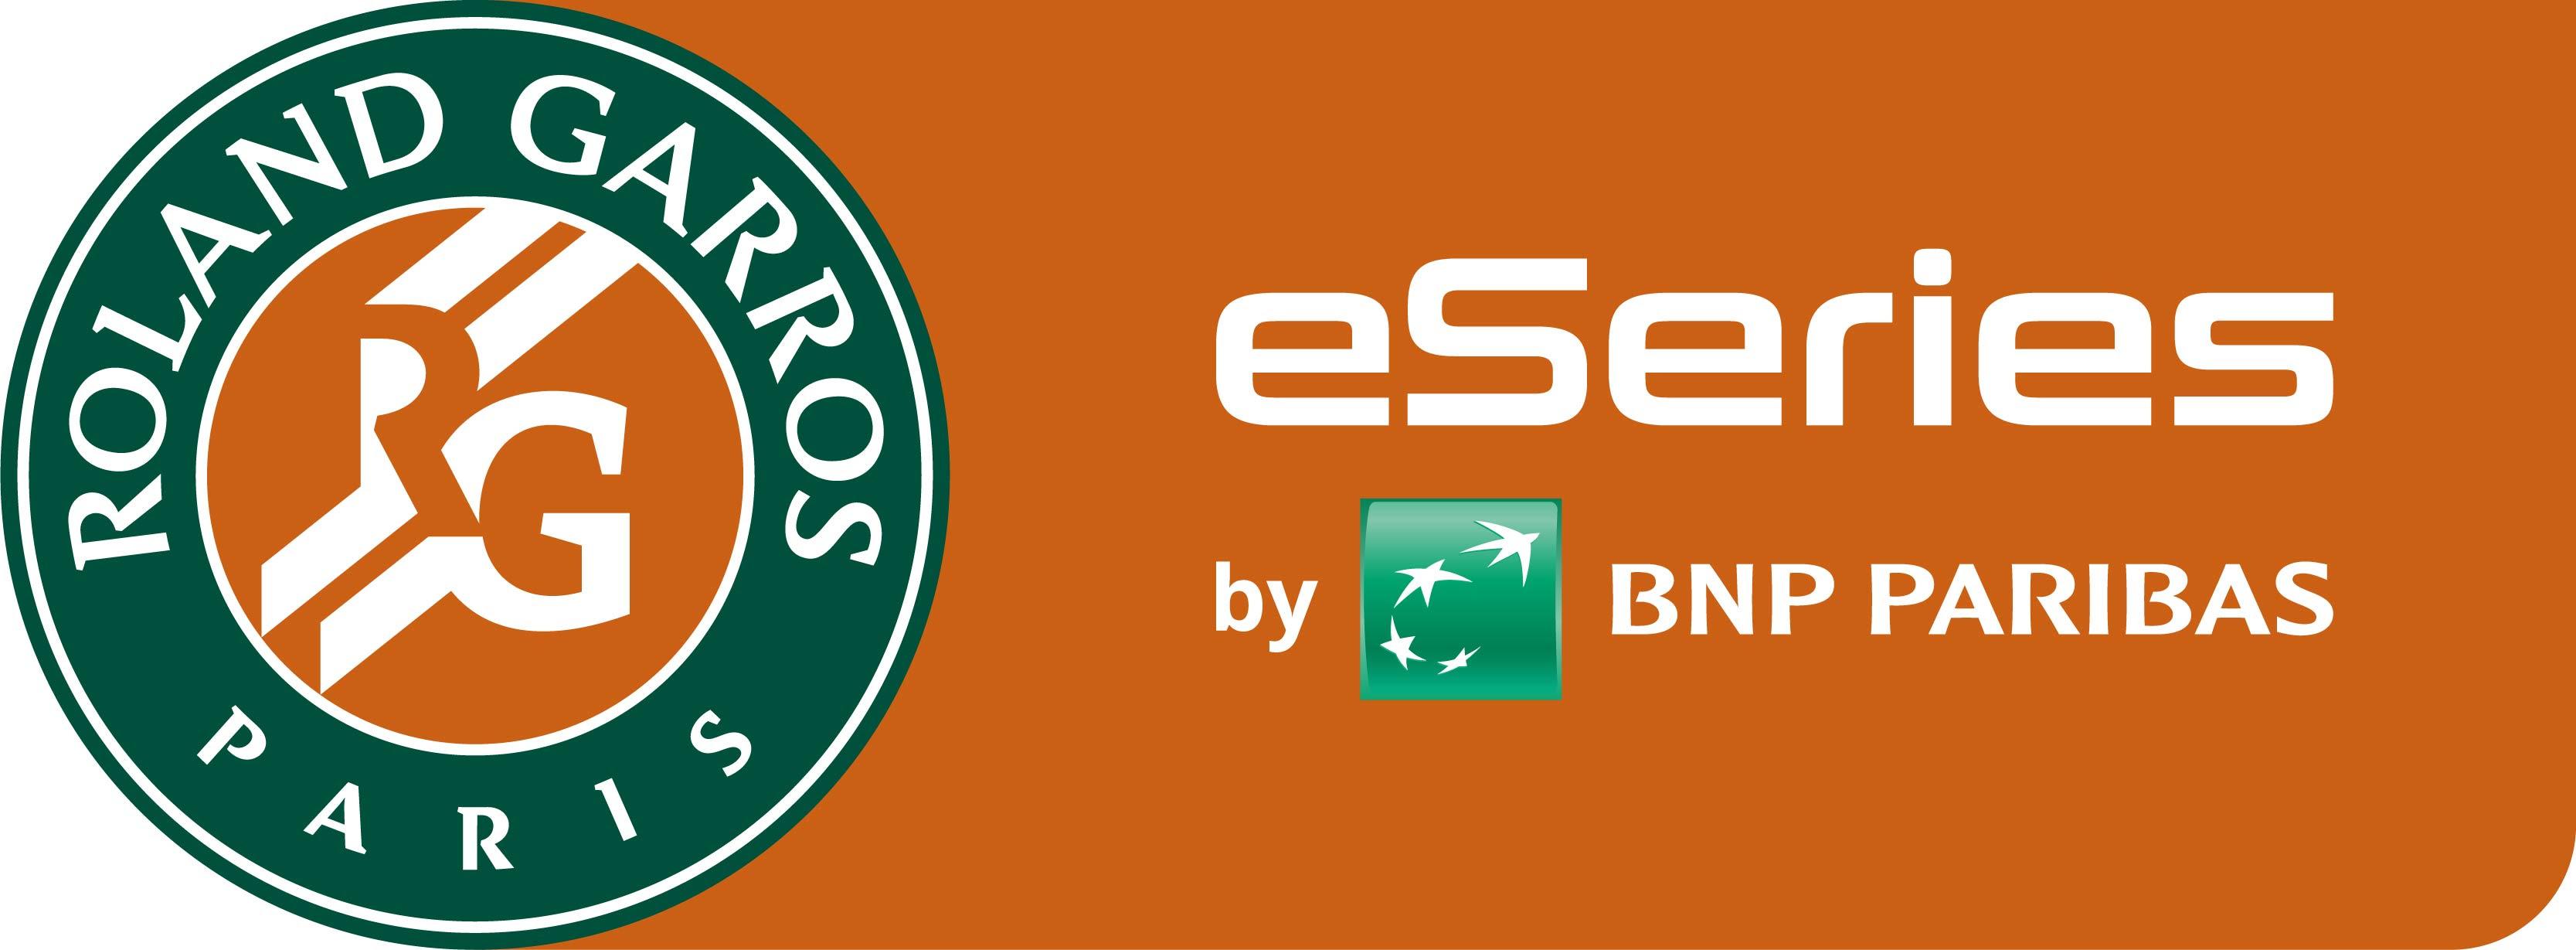 Roland-Garros eSeries torna per la quarta edizione